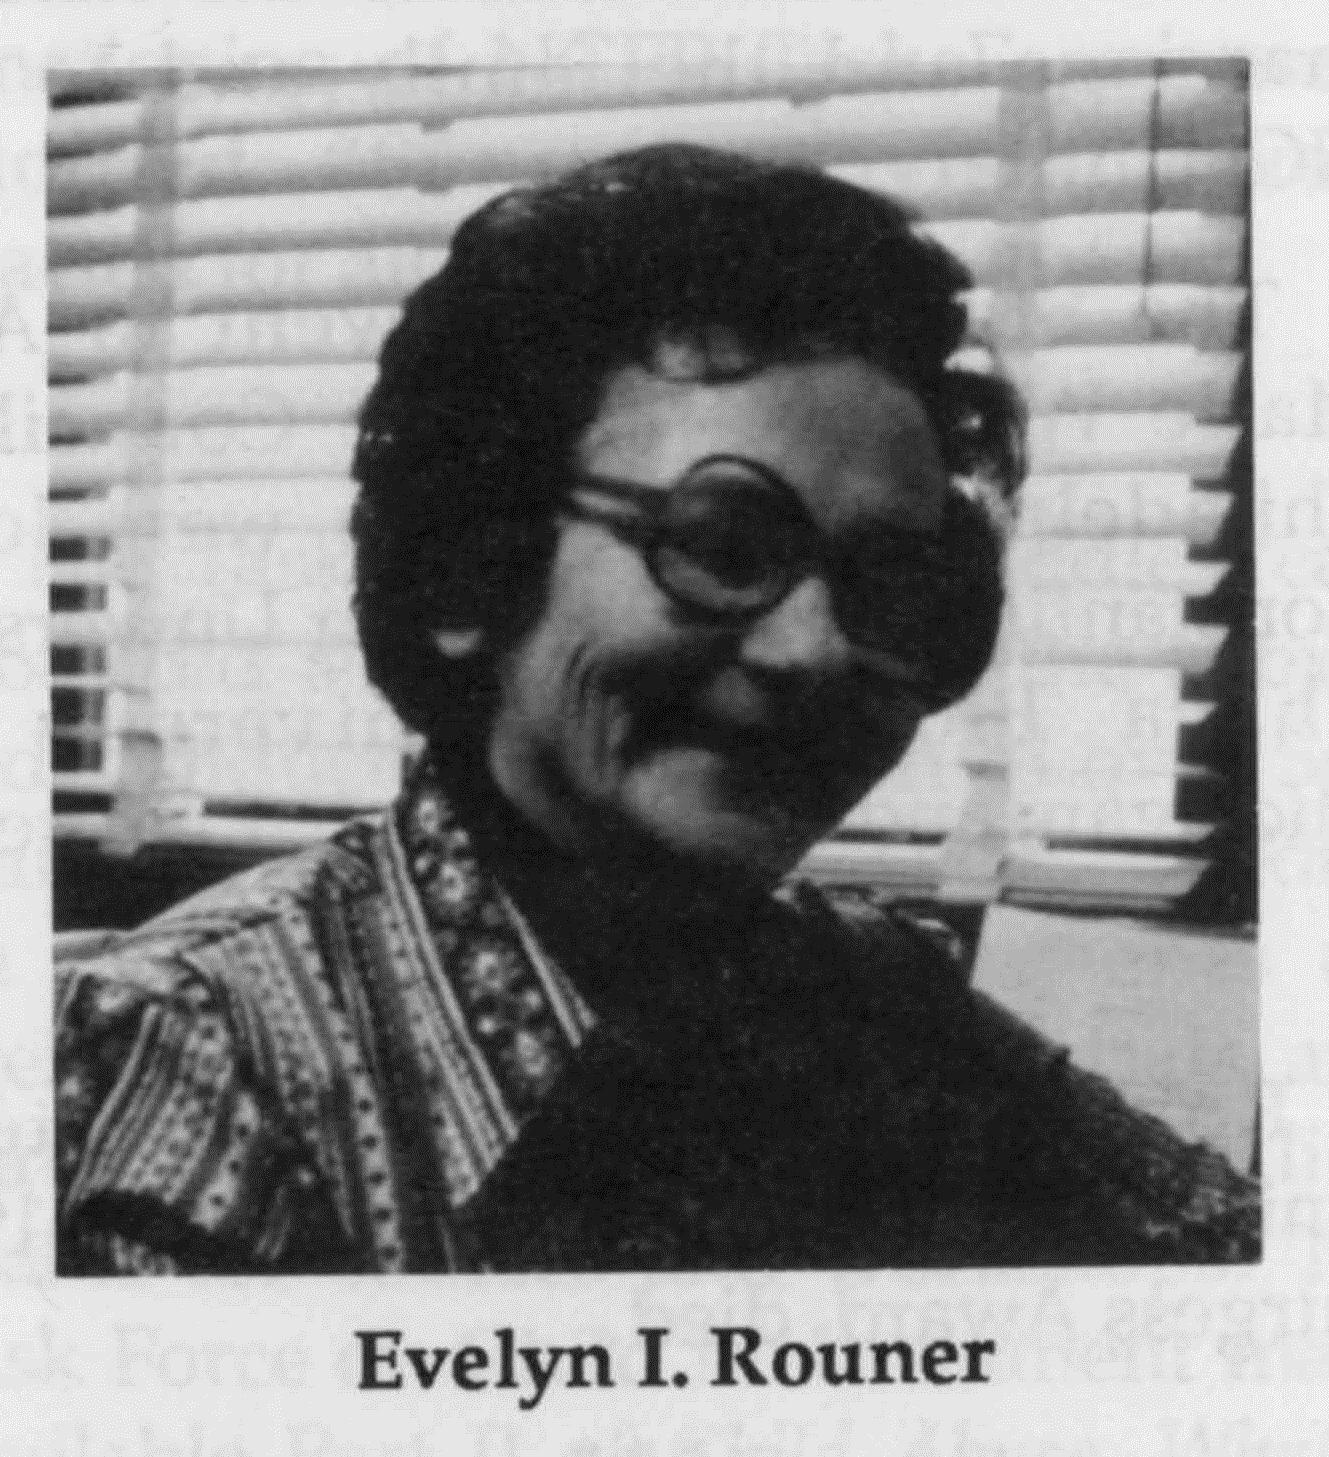 Evelyn Rouner